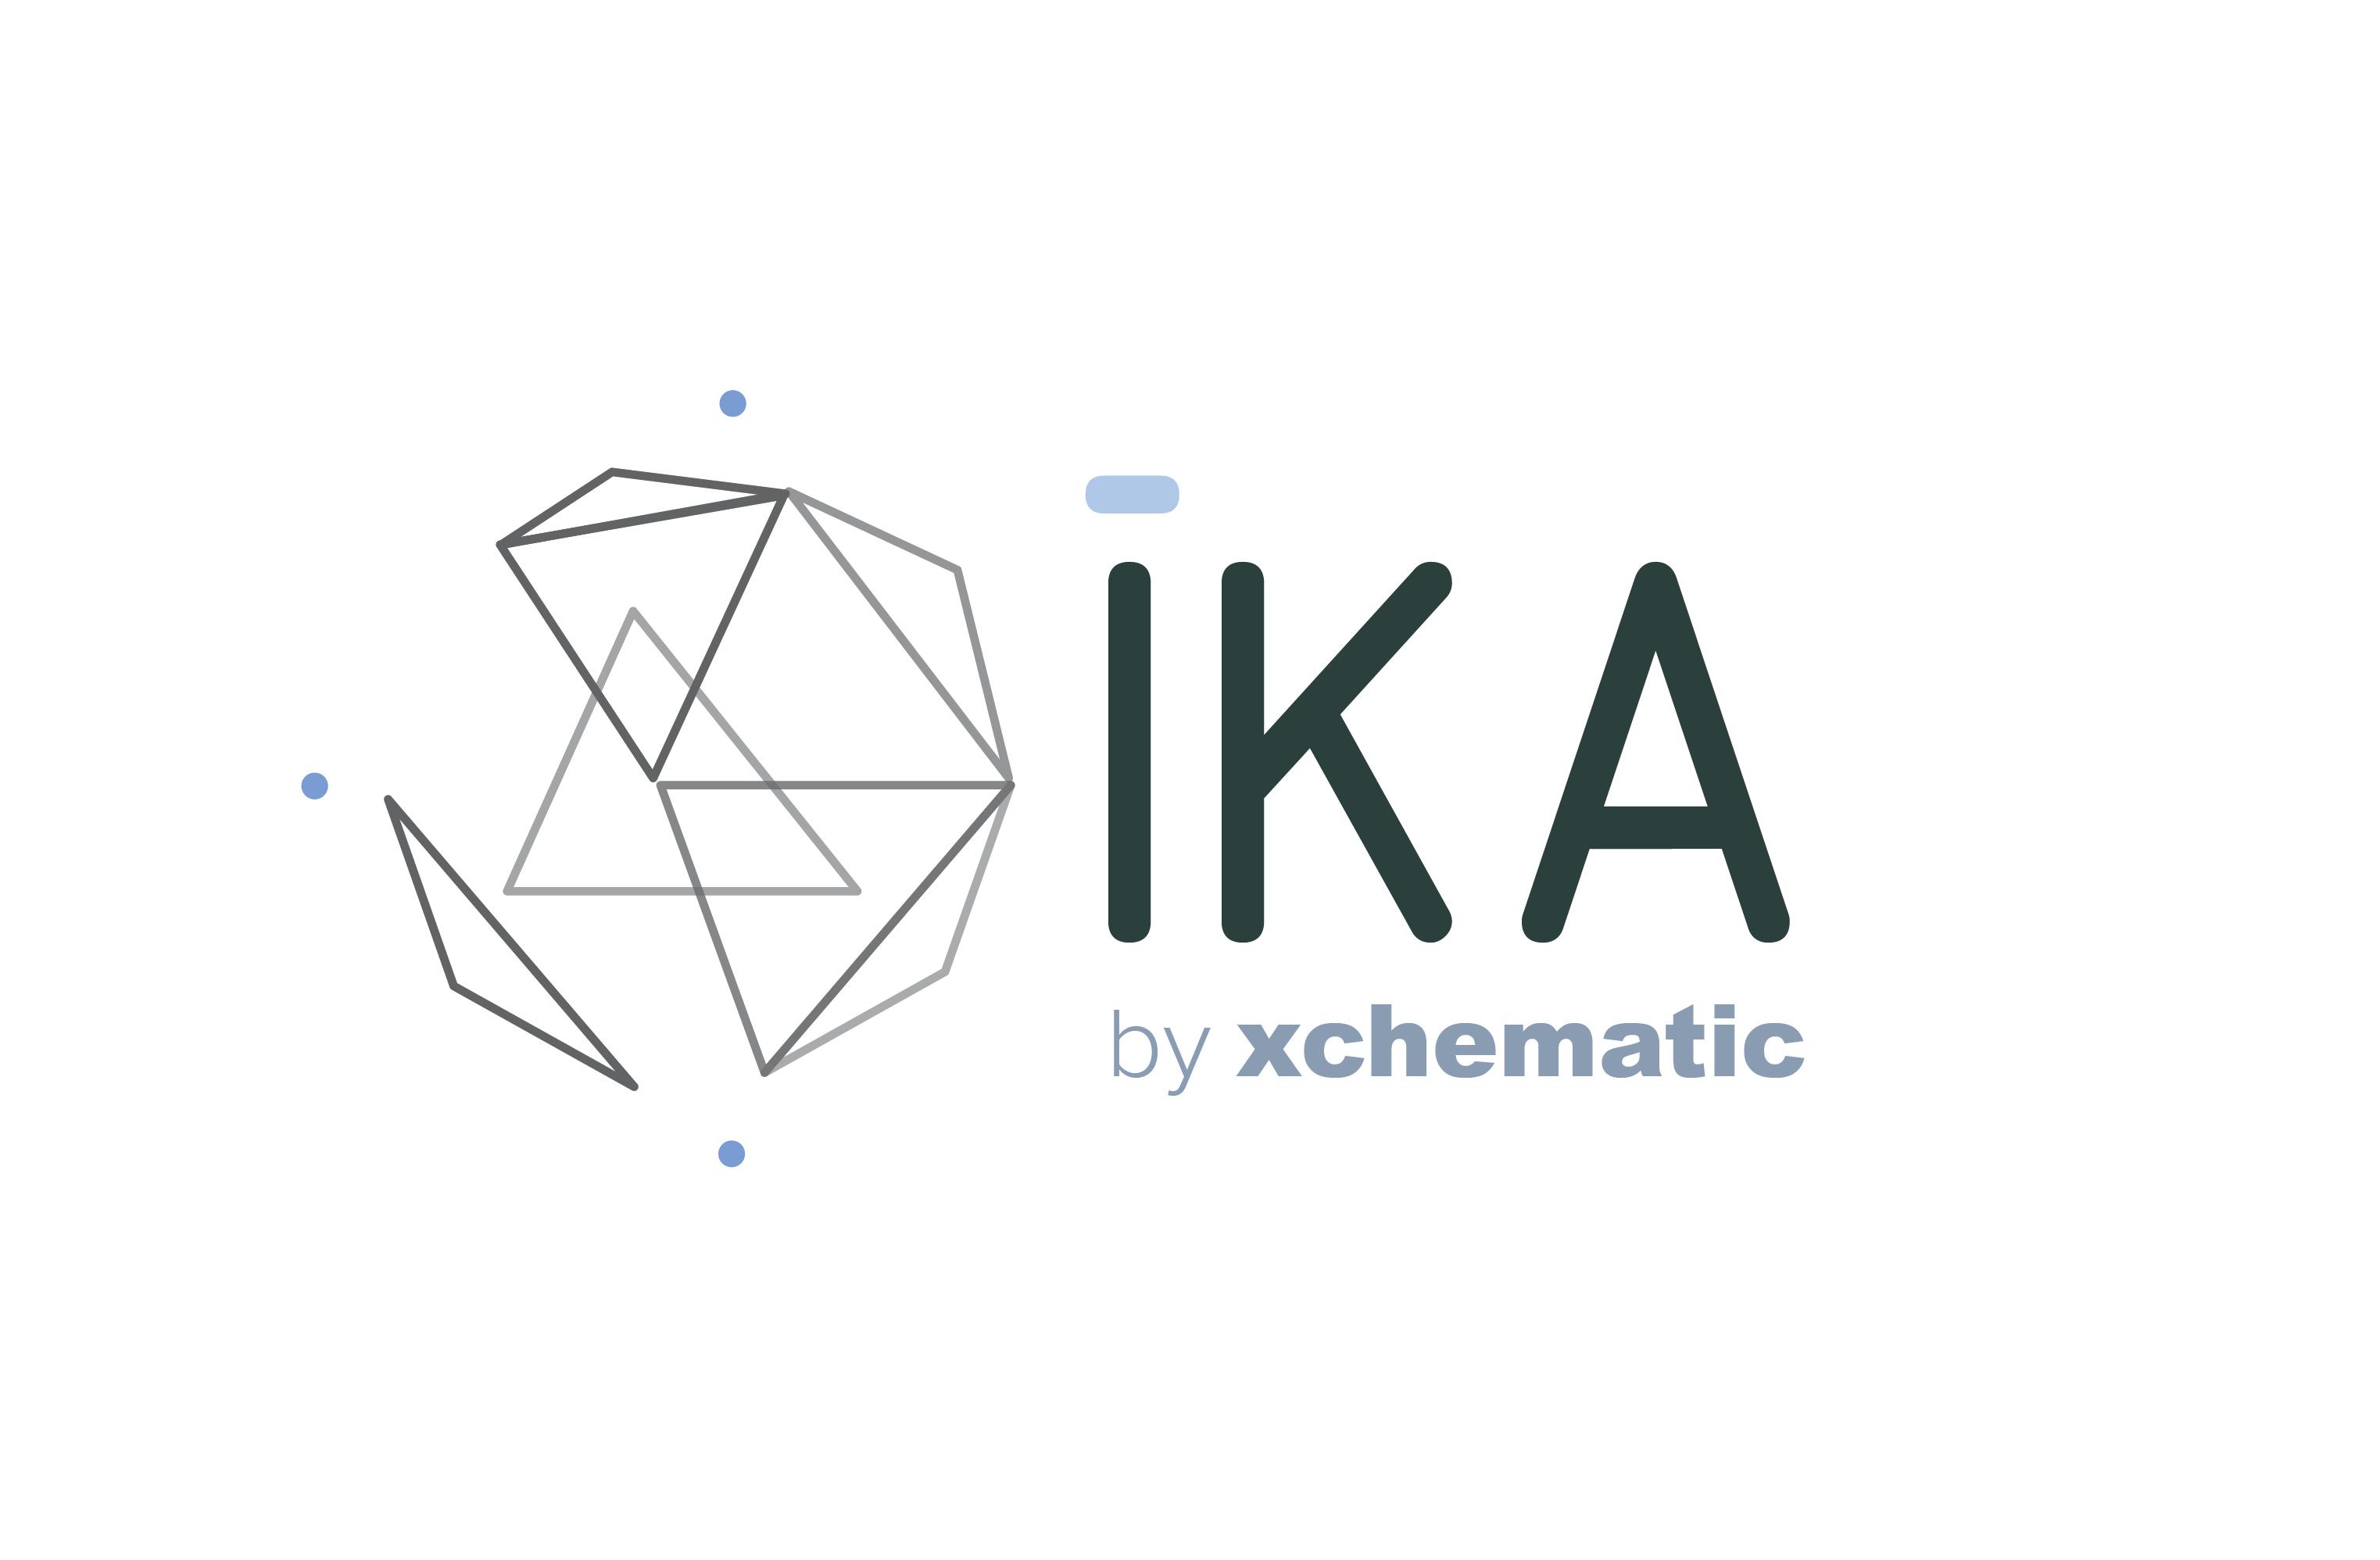 Ika Startup logo